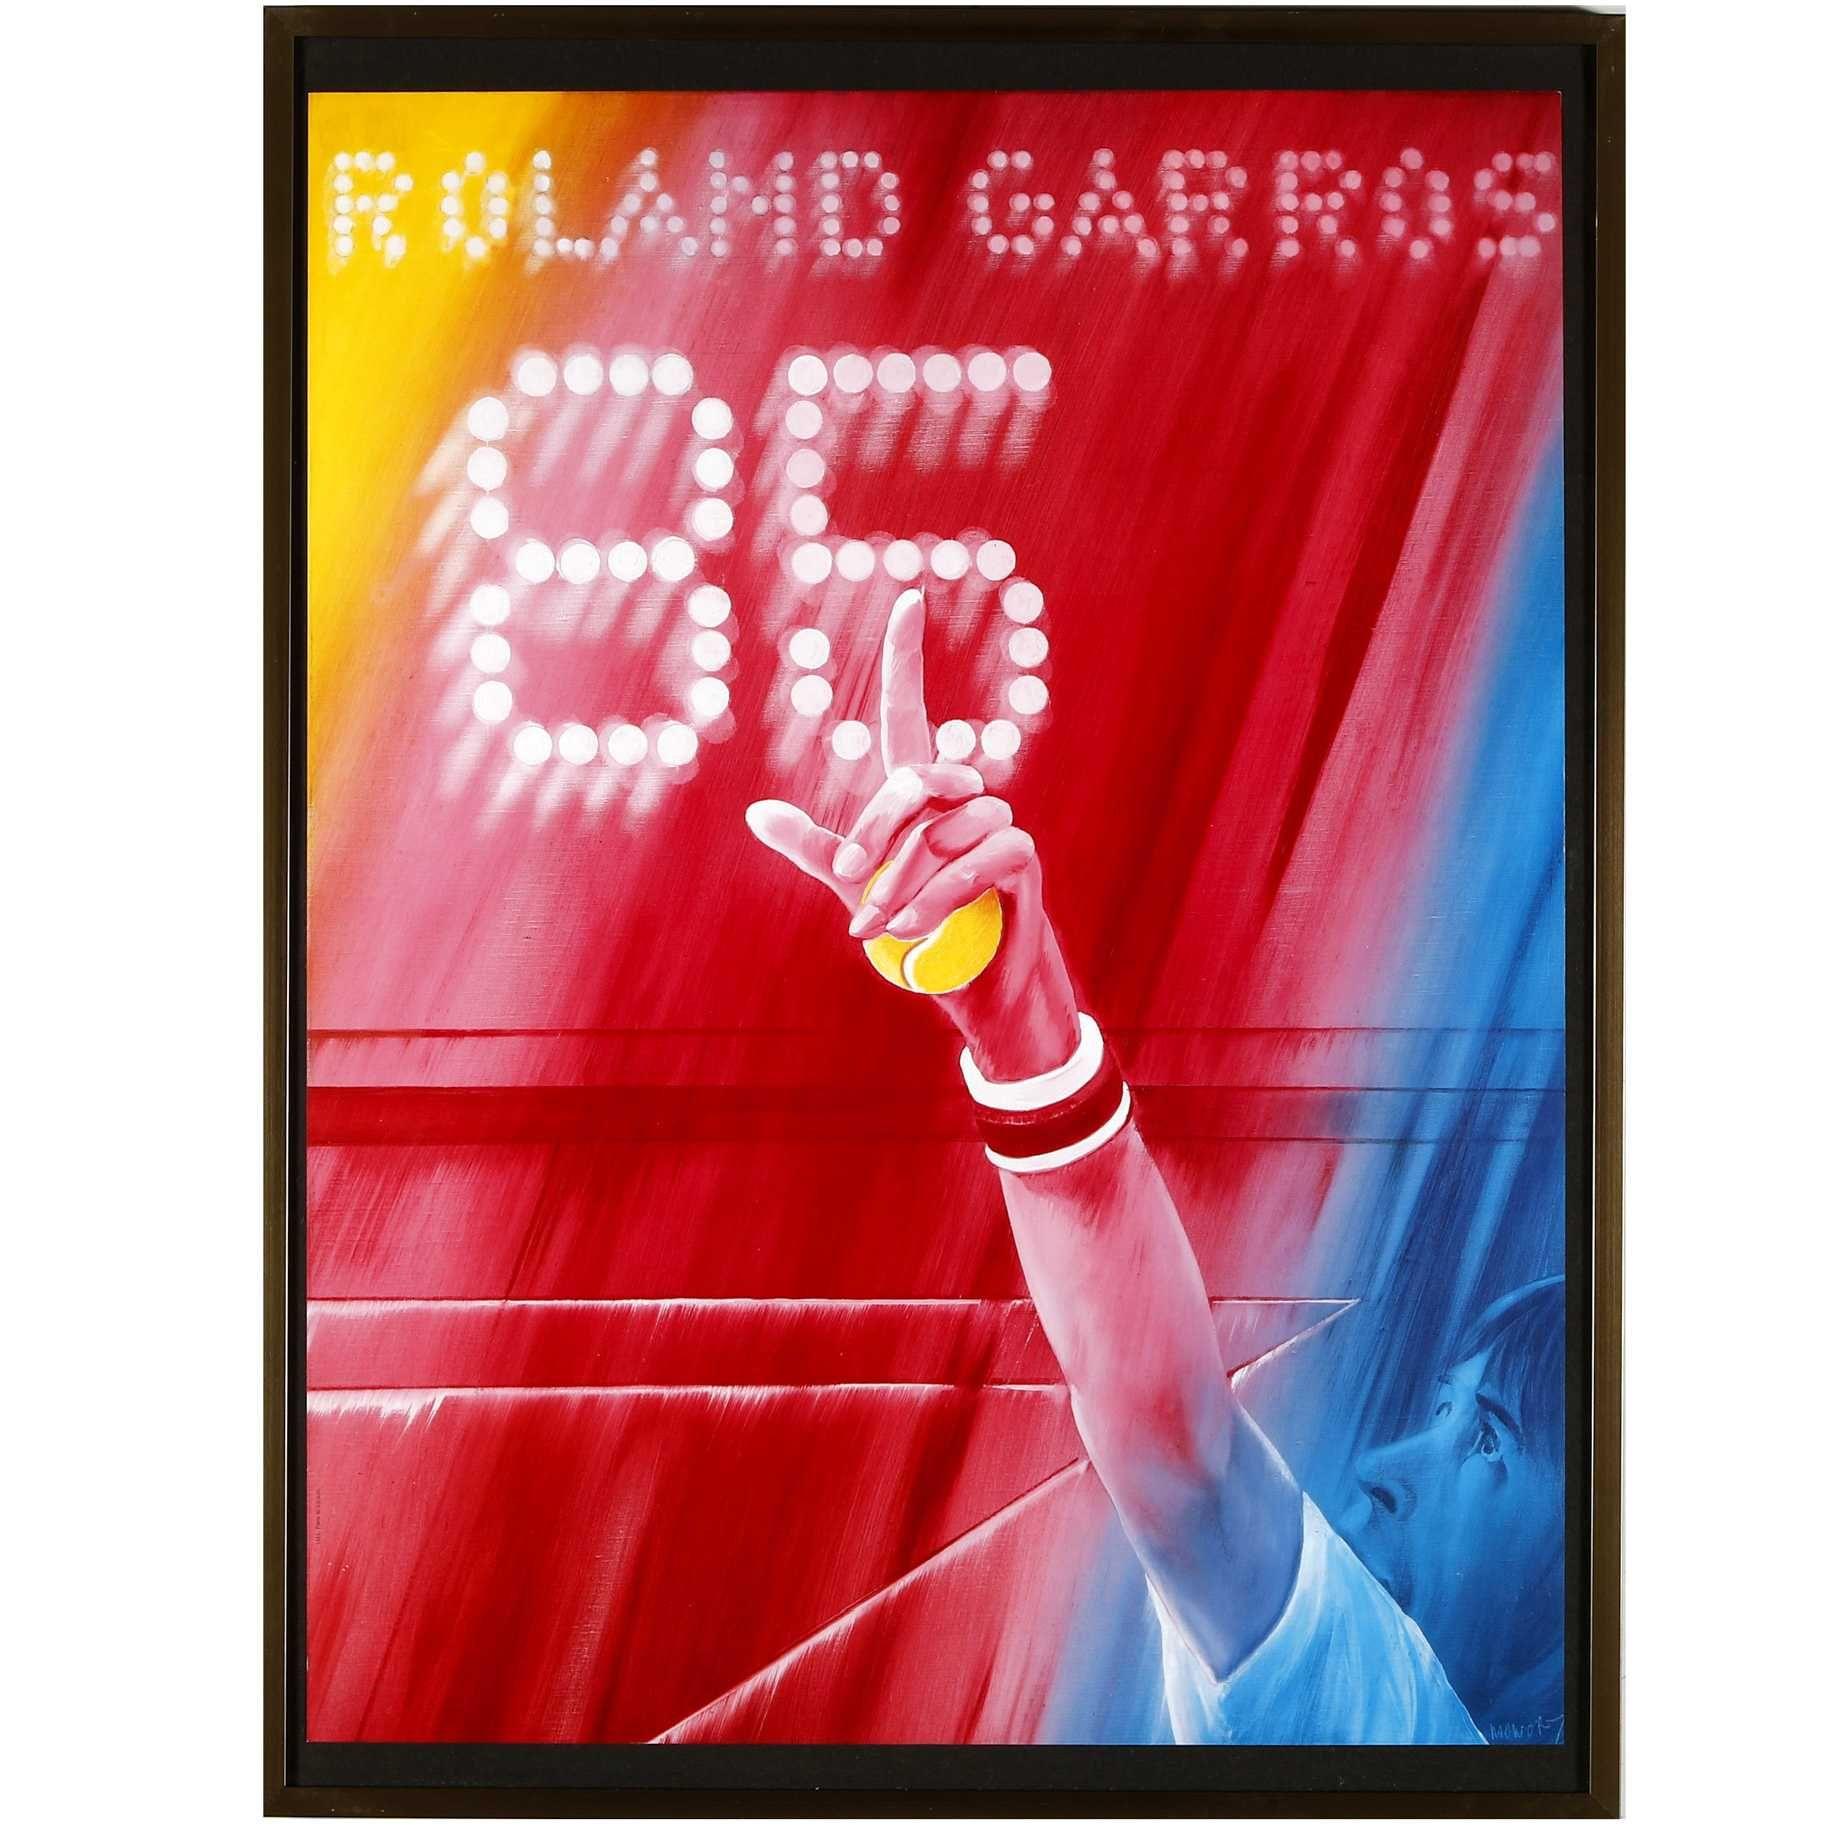 MONORY. Roland Garros 1985